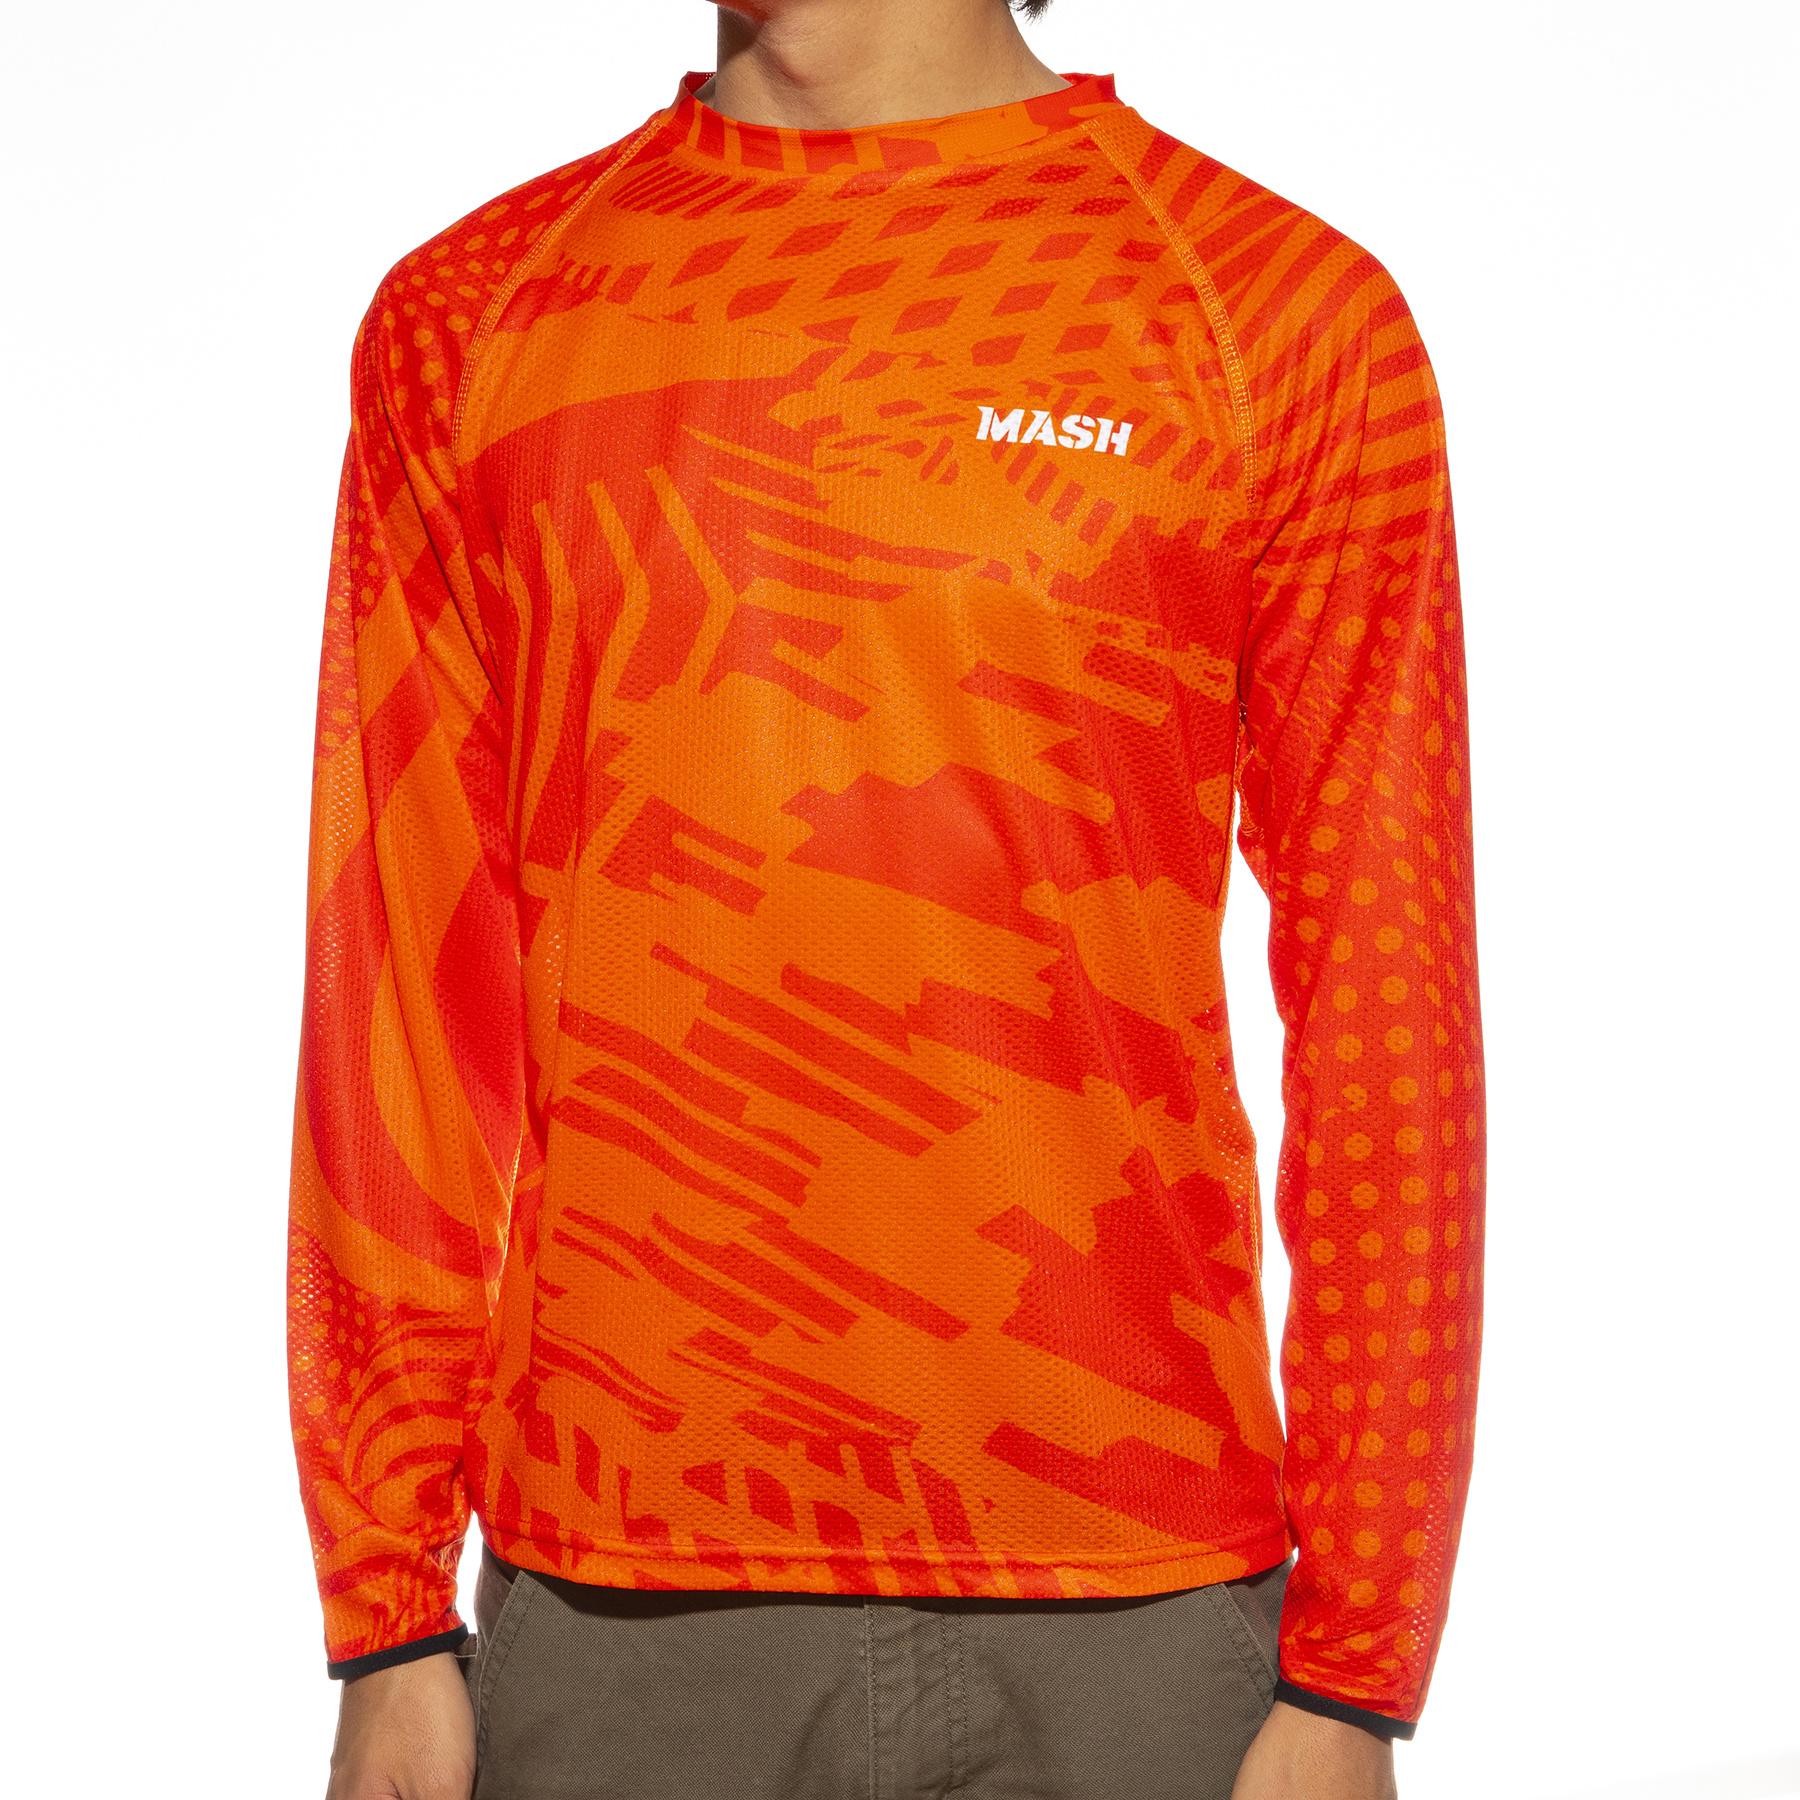 MASH Noise L/S Jersey Orange